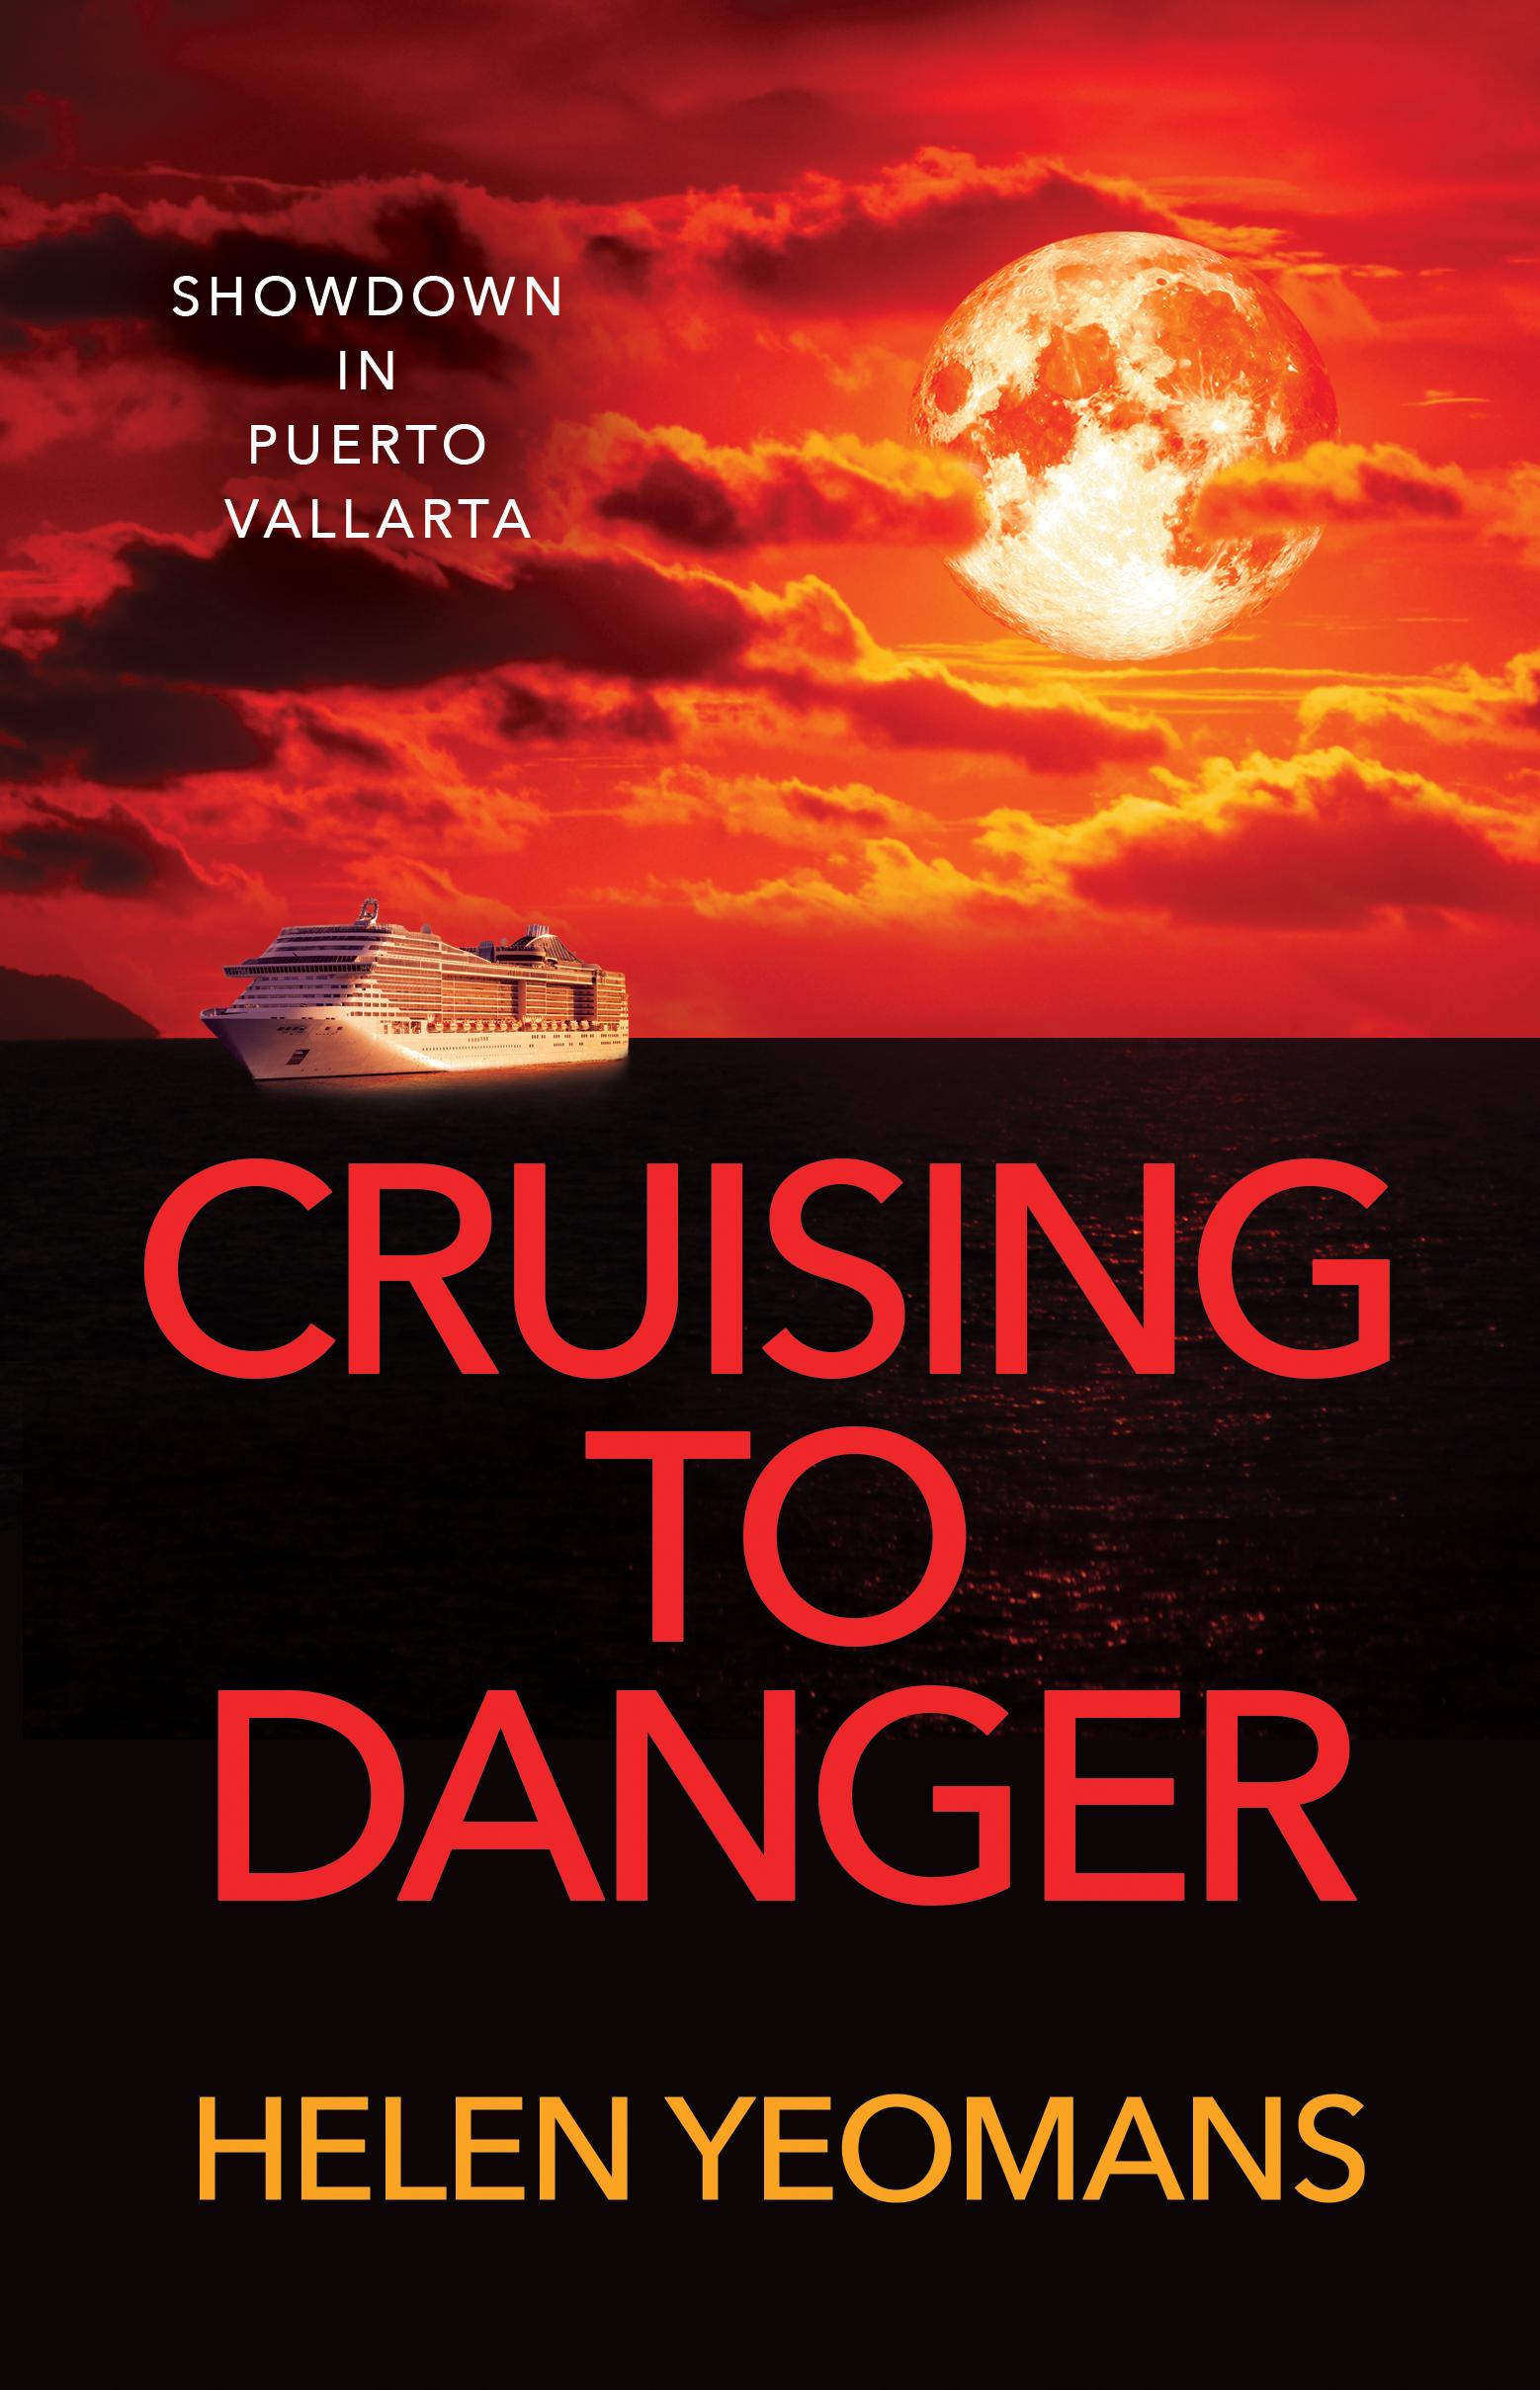 Cruising to Danger